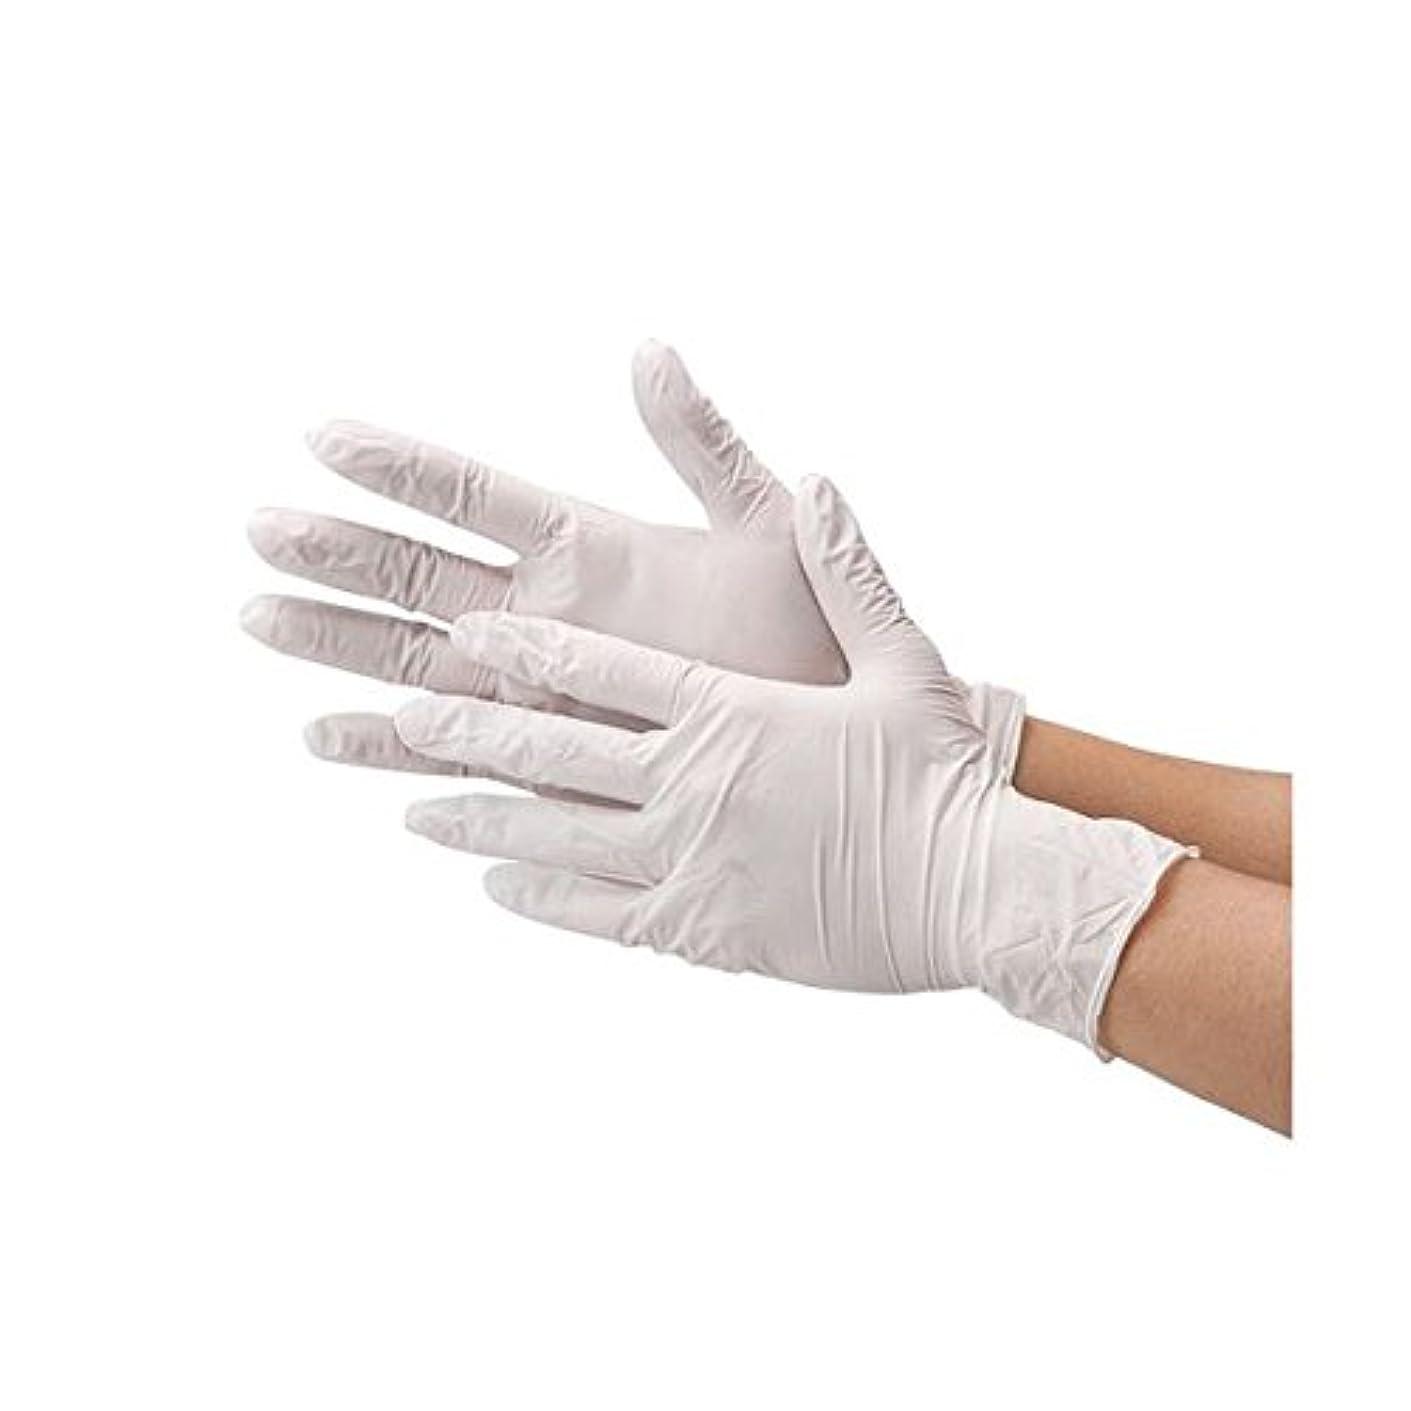 ペナルティ多様な怠感川西工業 ニトリル極薄手袋 粉なしホワイトM ds-1915810